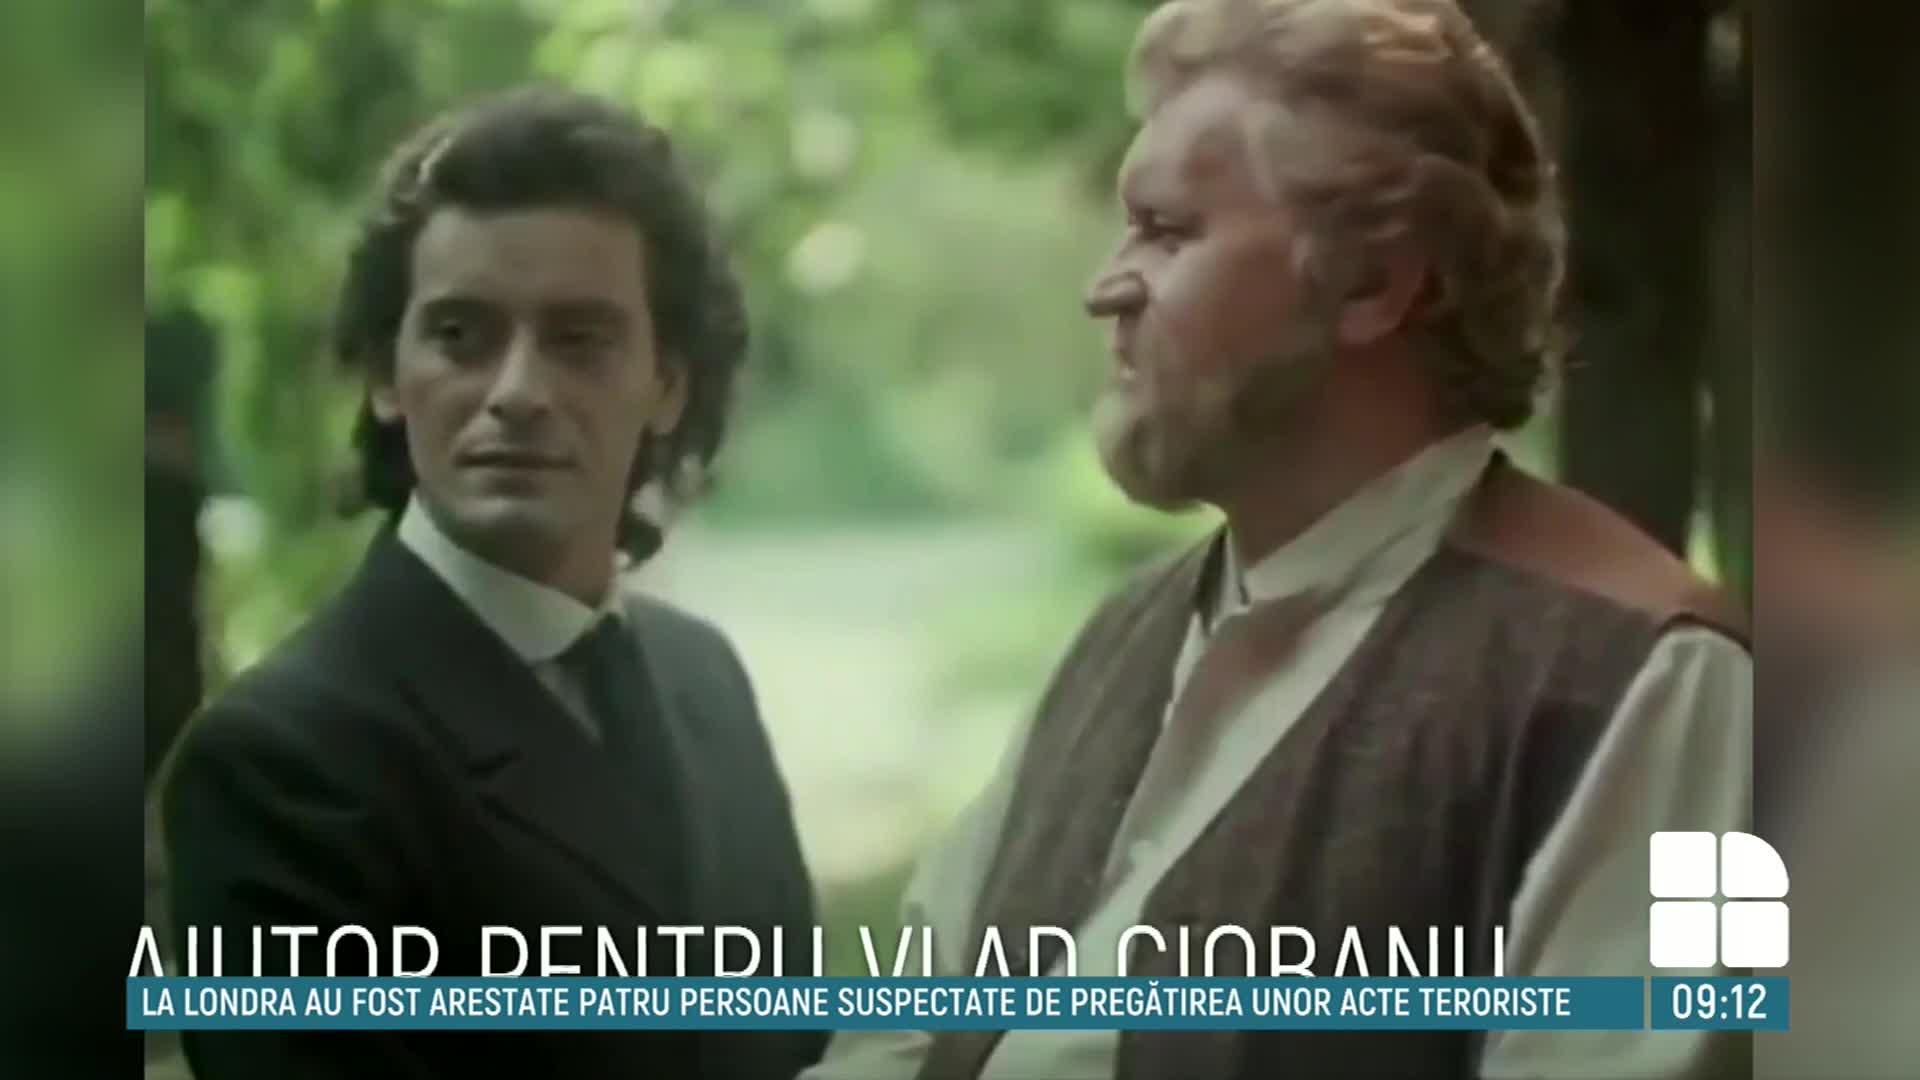 Actorul Vlad Ciobanu Diagnosticat Cu Leucemie Artistul Are Nevoie De Ajutorul Oamenilor Cu Inimă Mare Publika Md Aici Sunt știrile